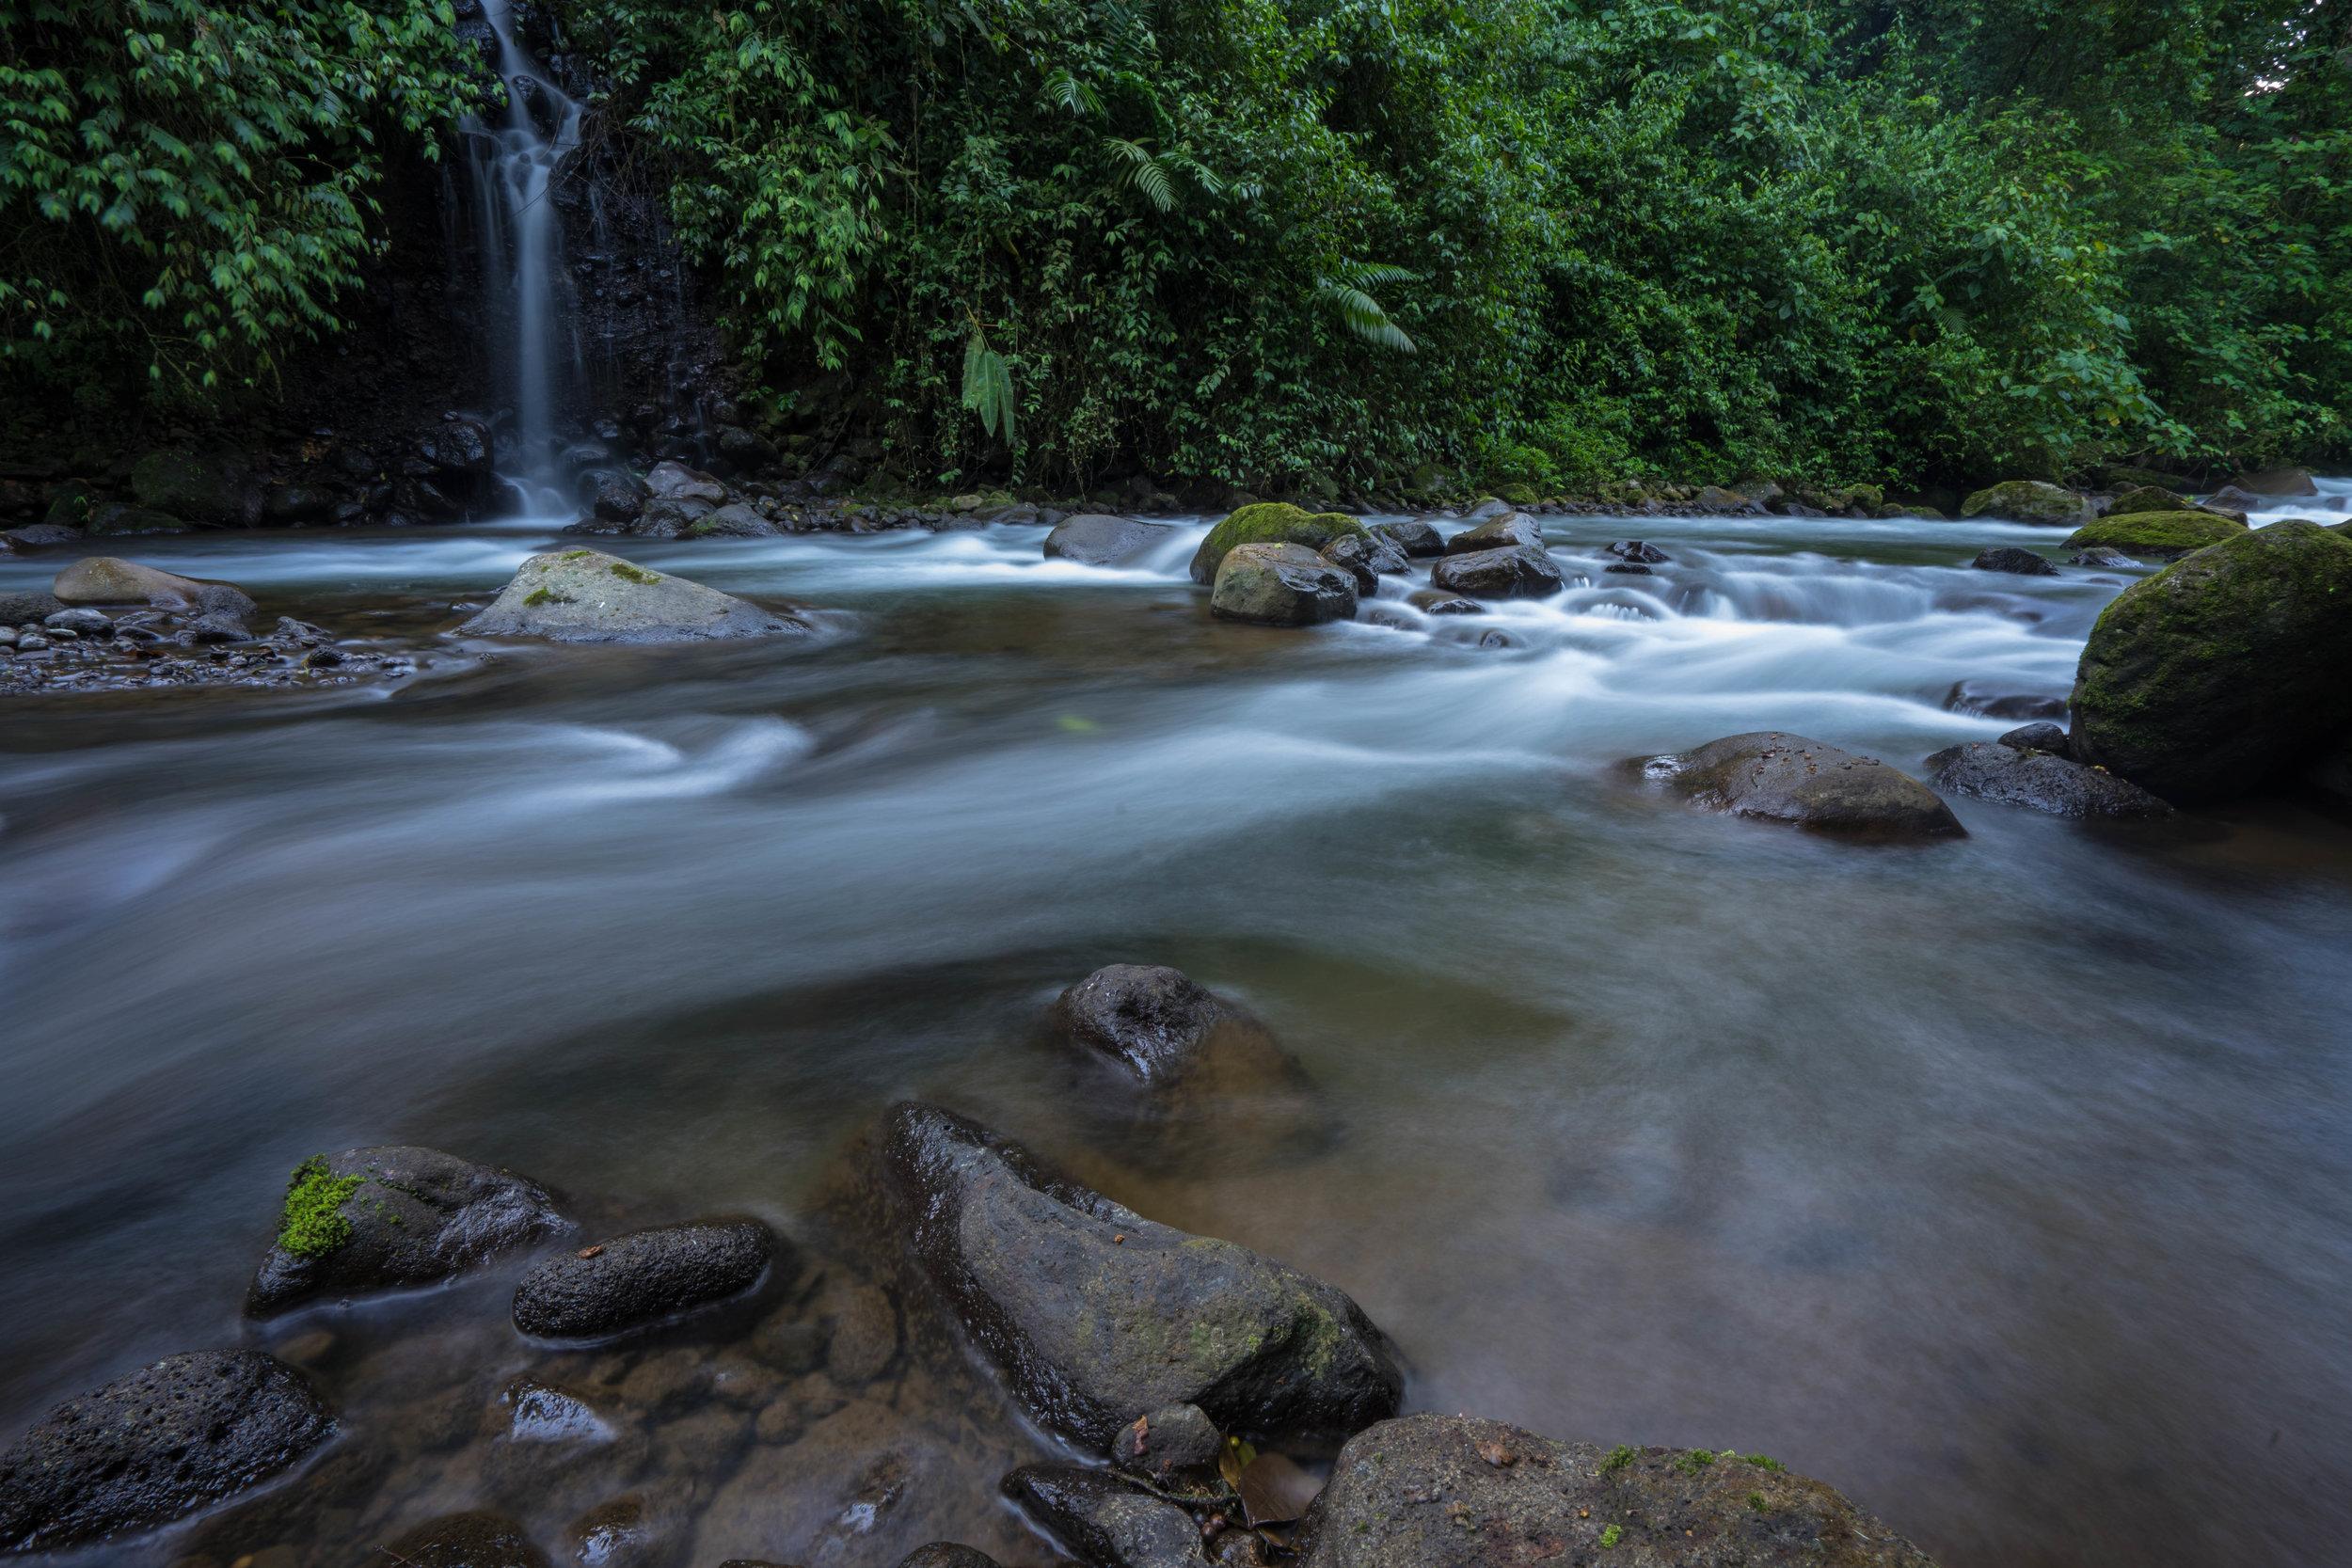 Río de la catarata 6:00 am